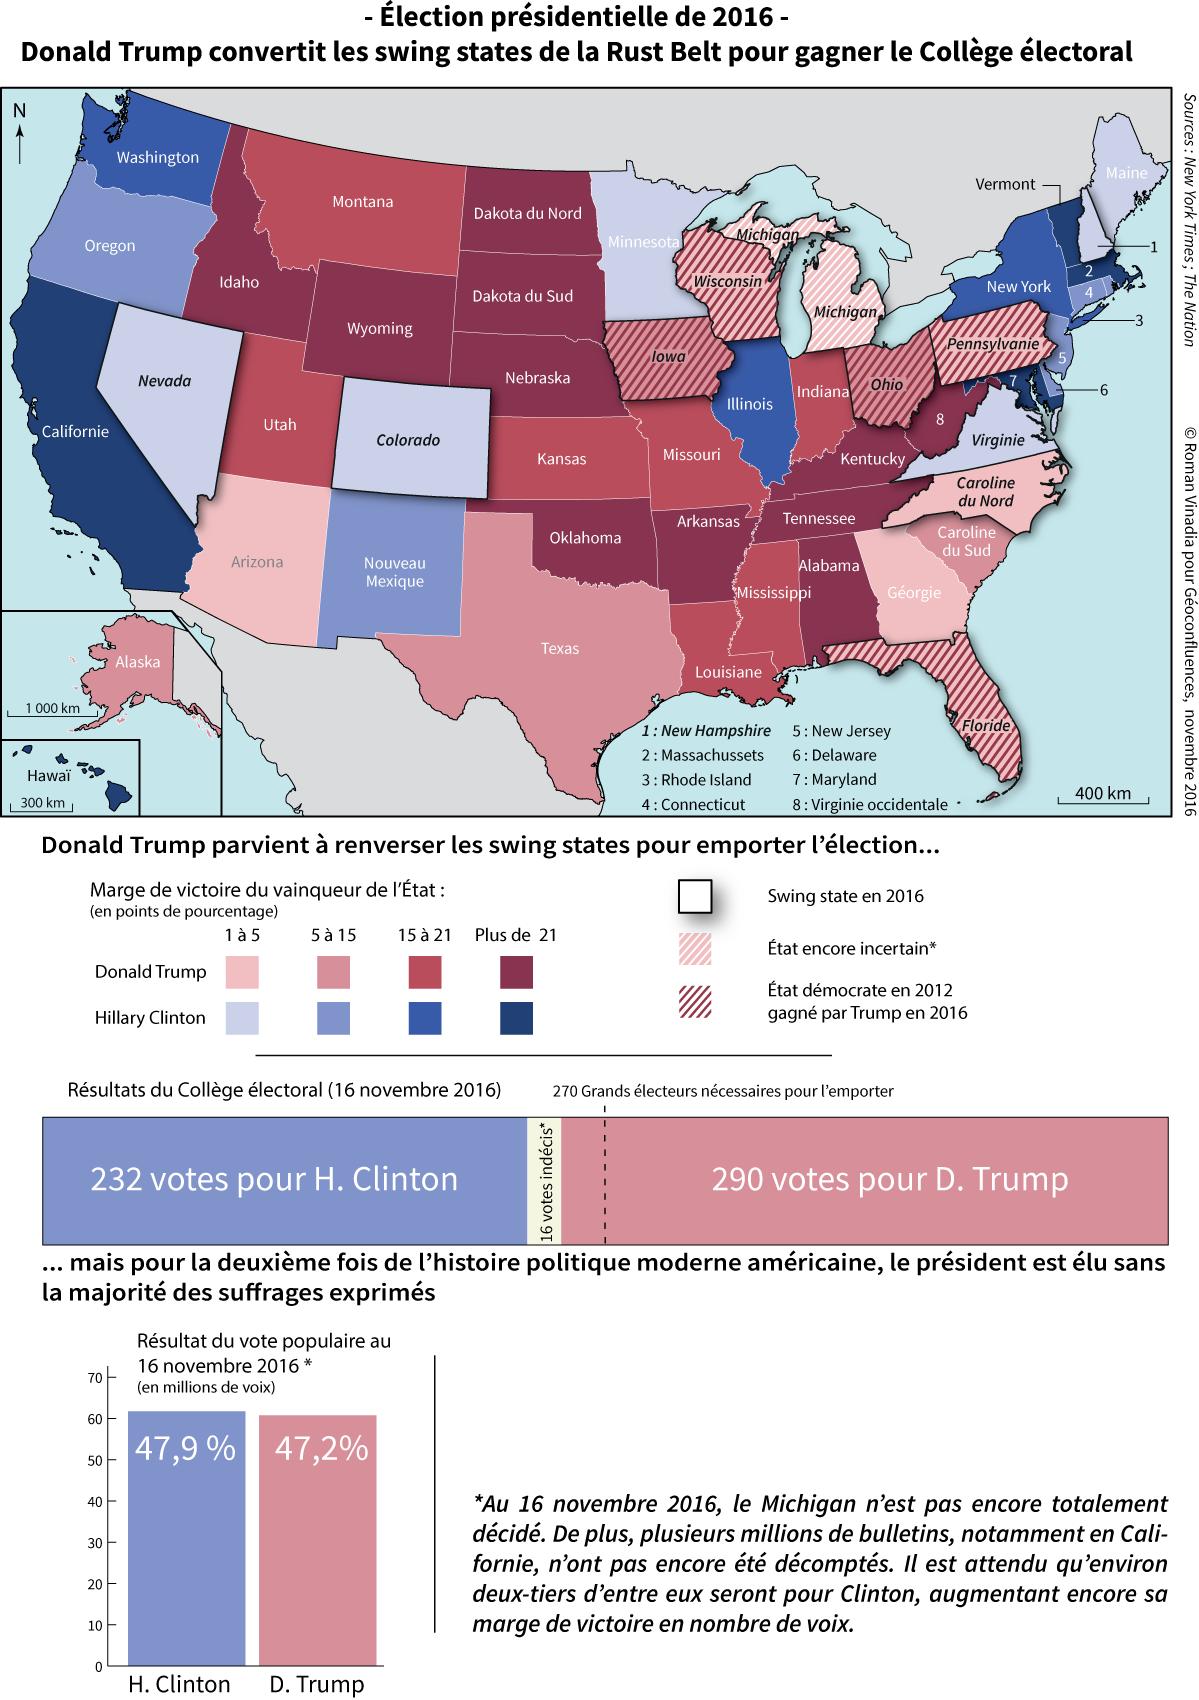 Carte élections américaines 2016 résultats